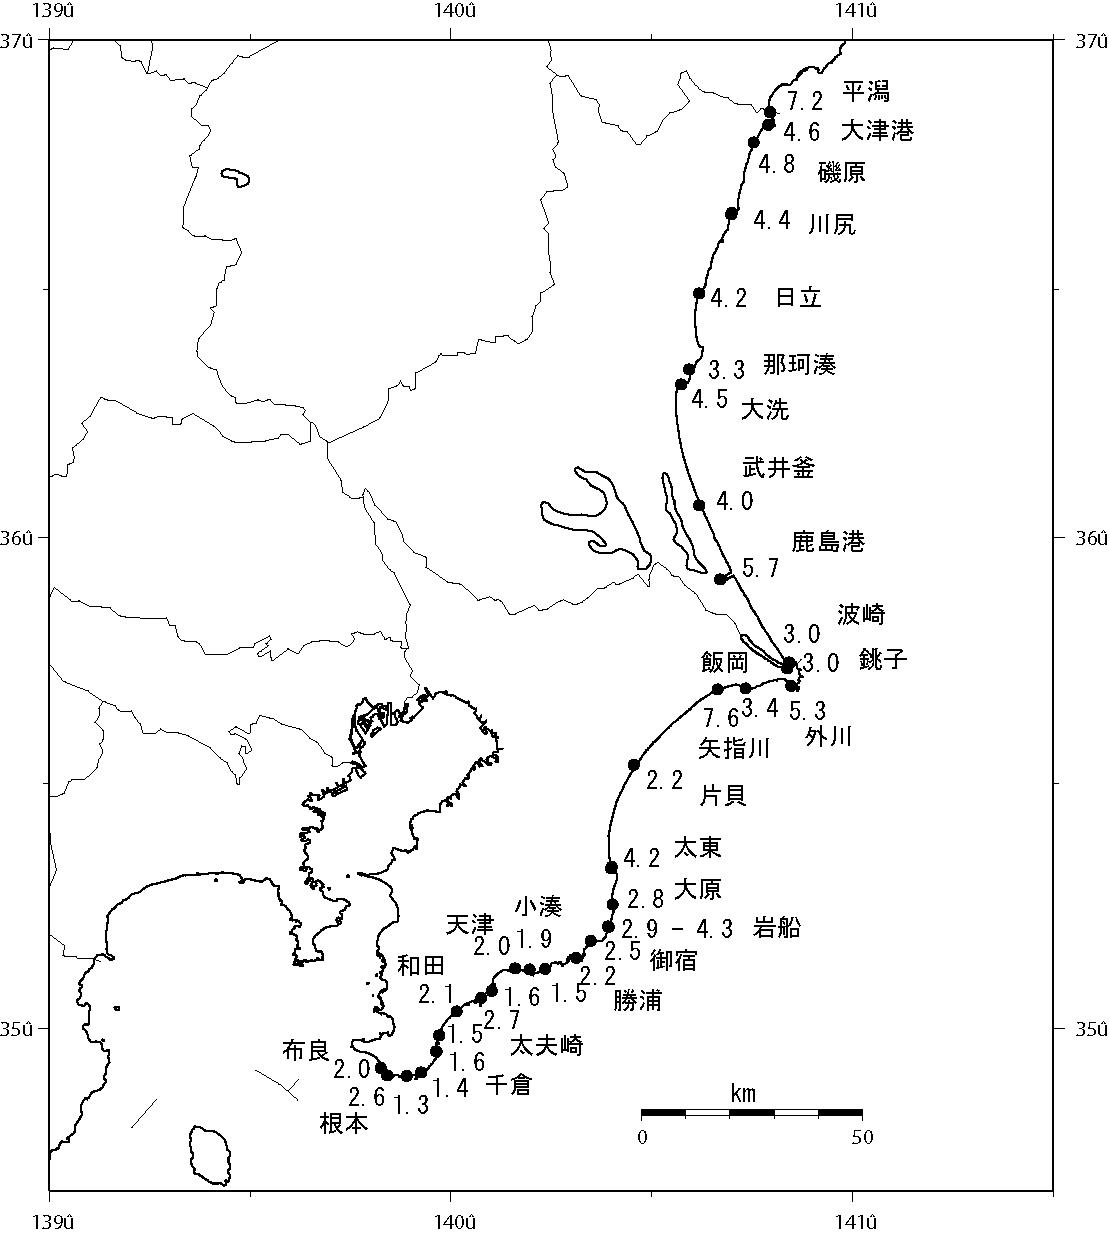 茨城県千葉県_map_20110319_地震研.jpg